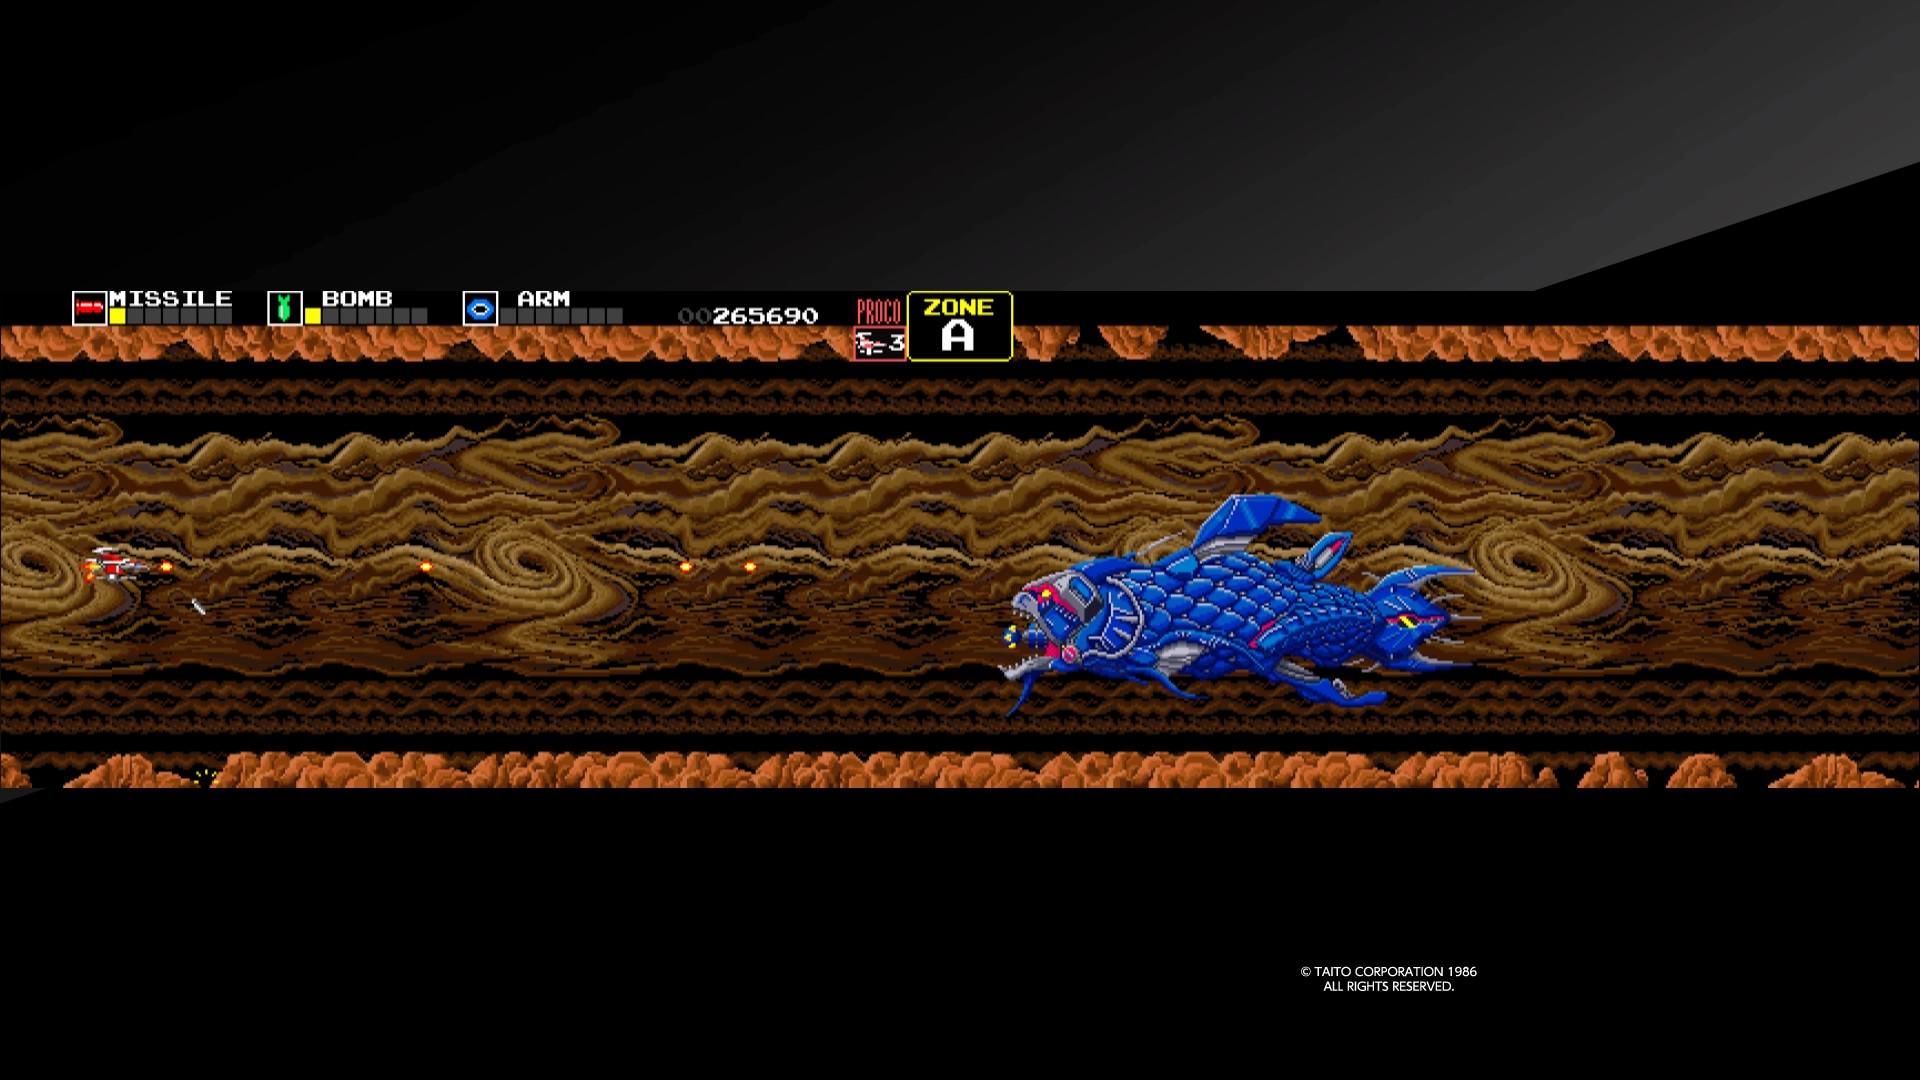 最初のステージ、A ZONEのボス「キングフォスル」のインパクトは大きかった。魚介類をモチーフとした敵メカのデザインがとにかくかっこいい